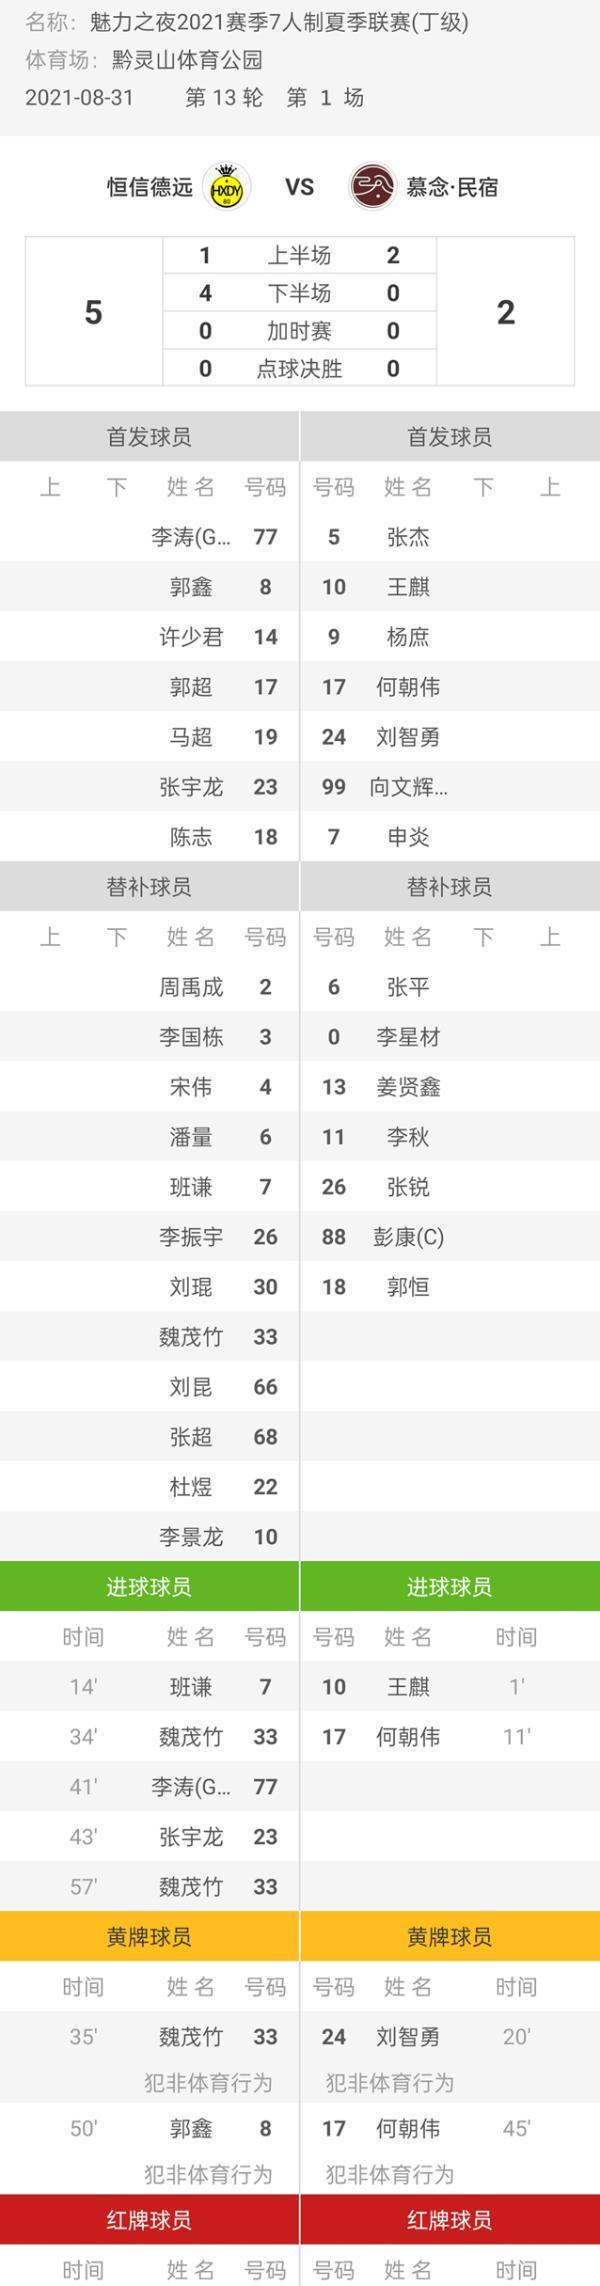 魅力之夜2021赛季7人制足球夏季联赛 恒信德远5-2慕念·民宿